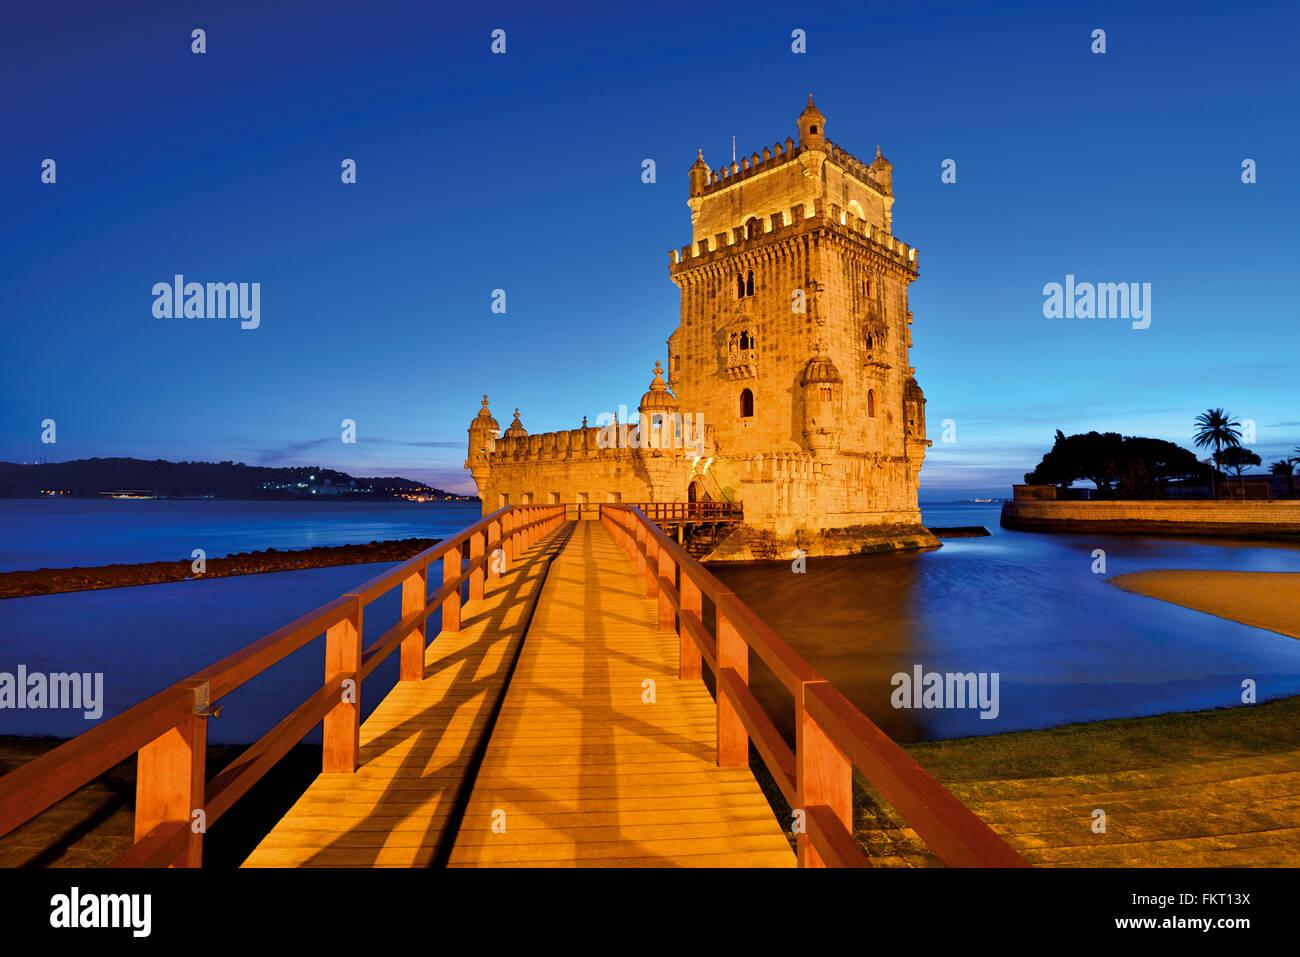 Il portogallo Lisbona: torre monumentale di Belém di notte Immagini Stock